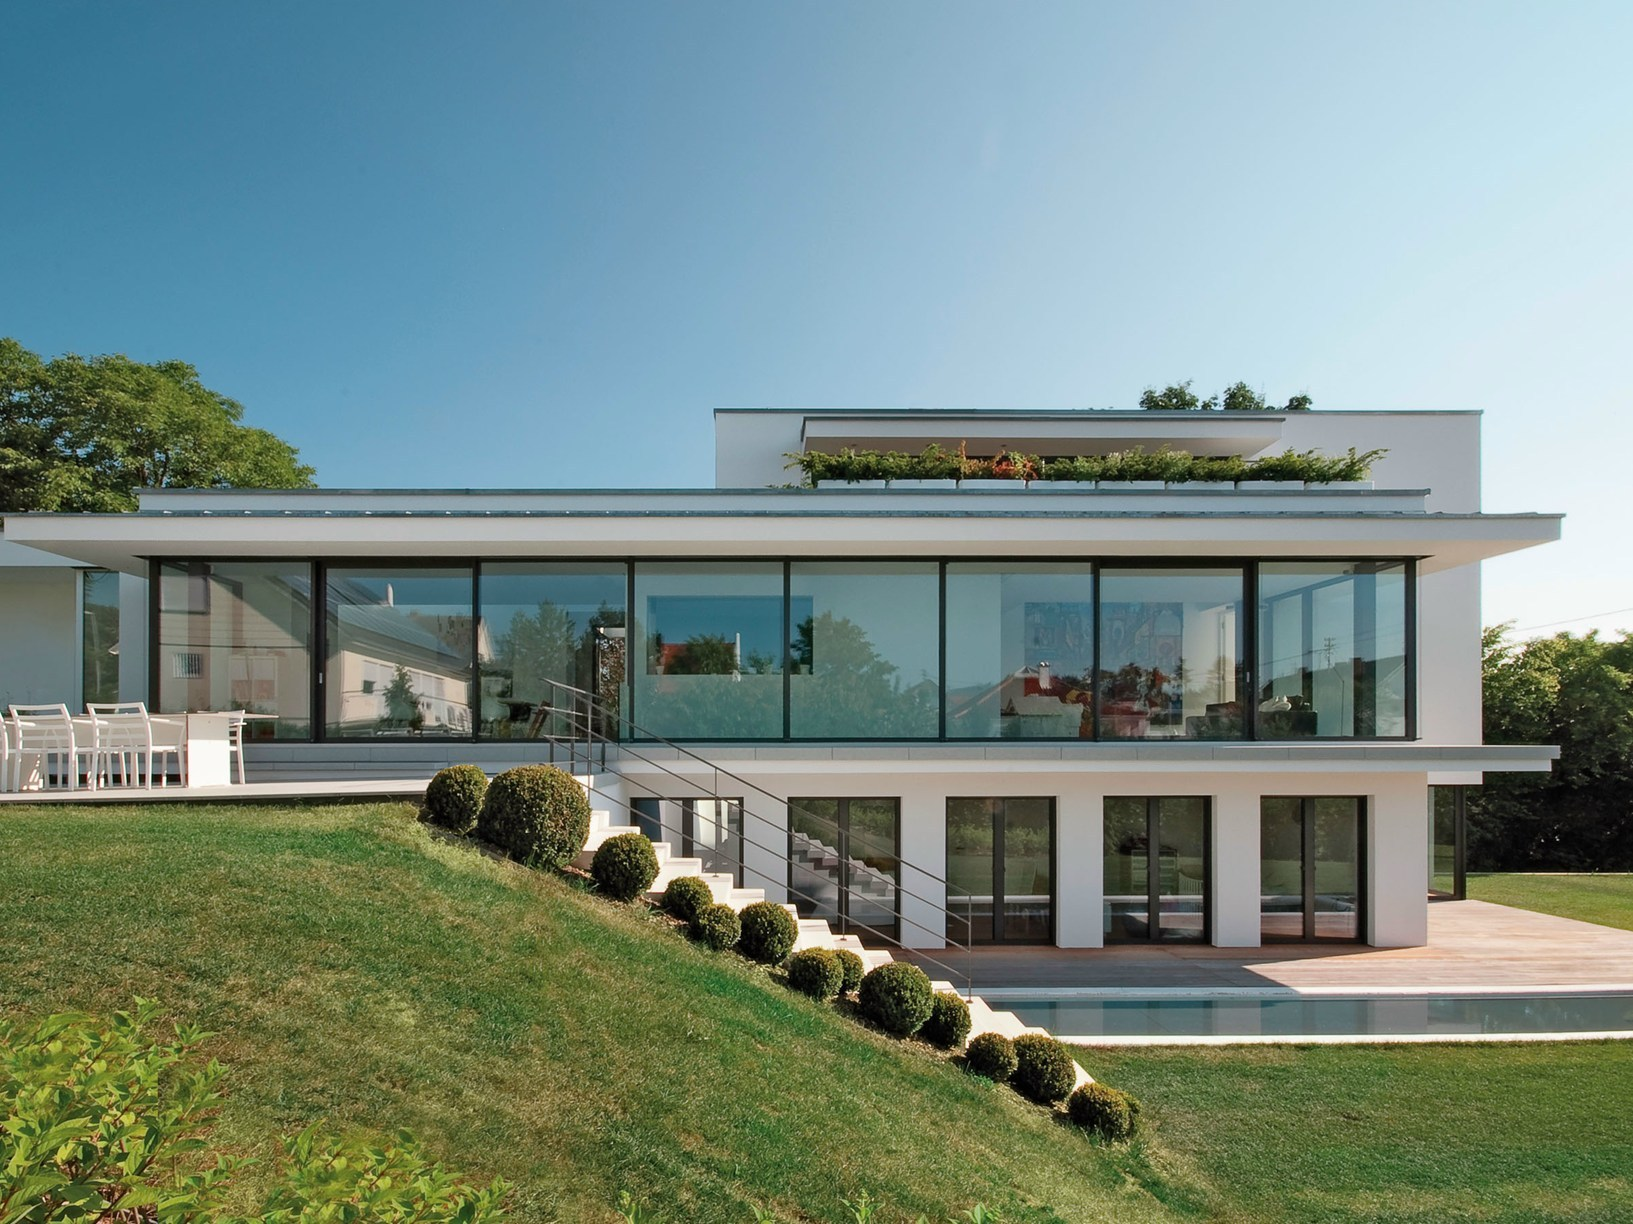 Villa mauthe un lungo lucernario definisce i volumi for Costruire un garage su un terreno in pendenza